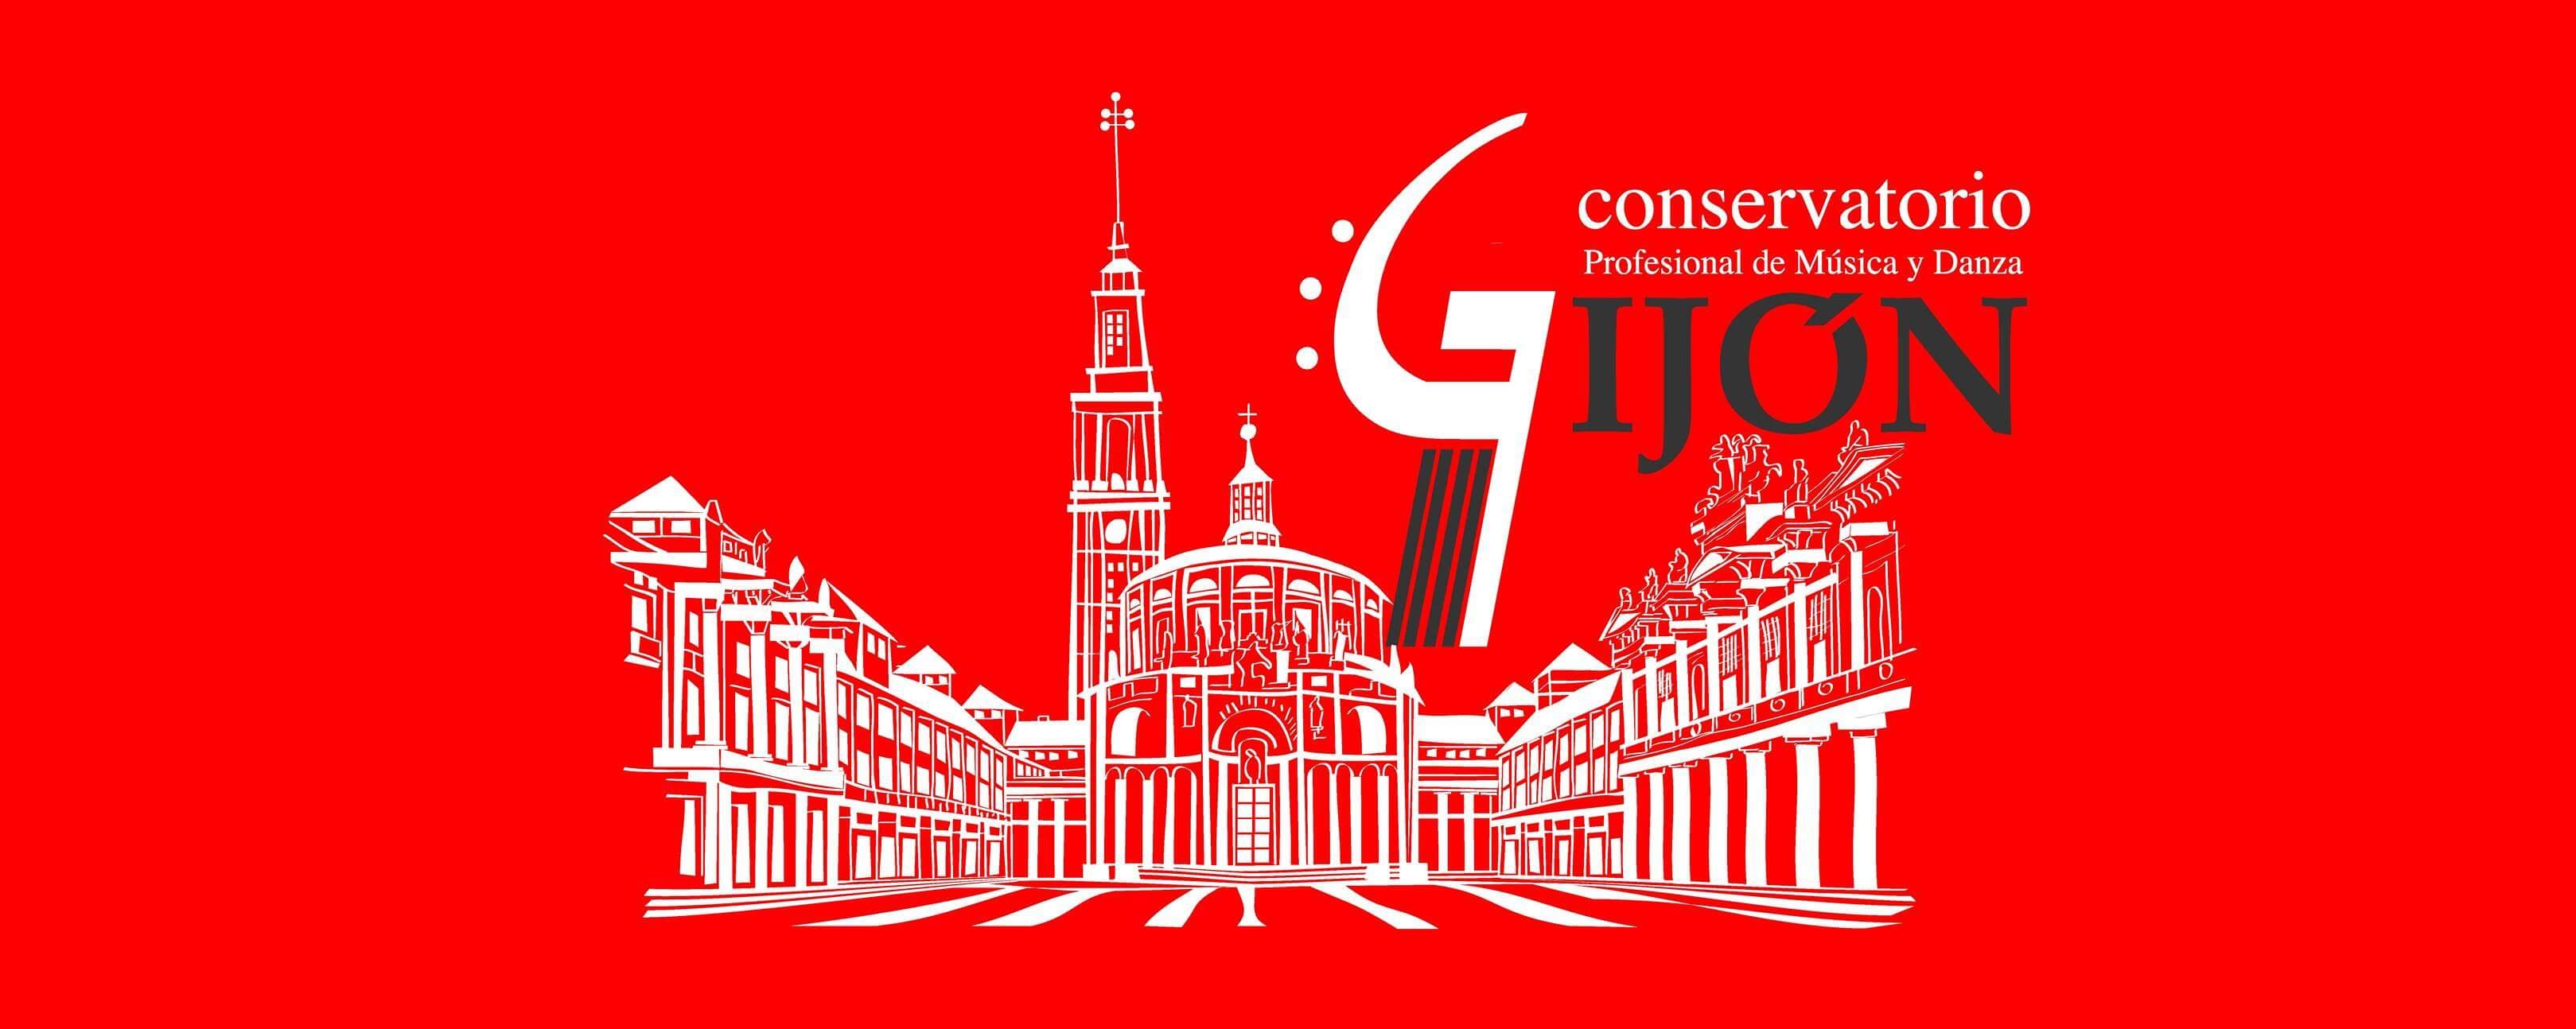 Conservatorio Profesional de Música y Danza de Gijón